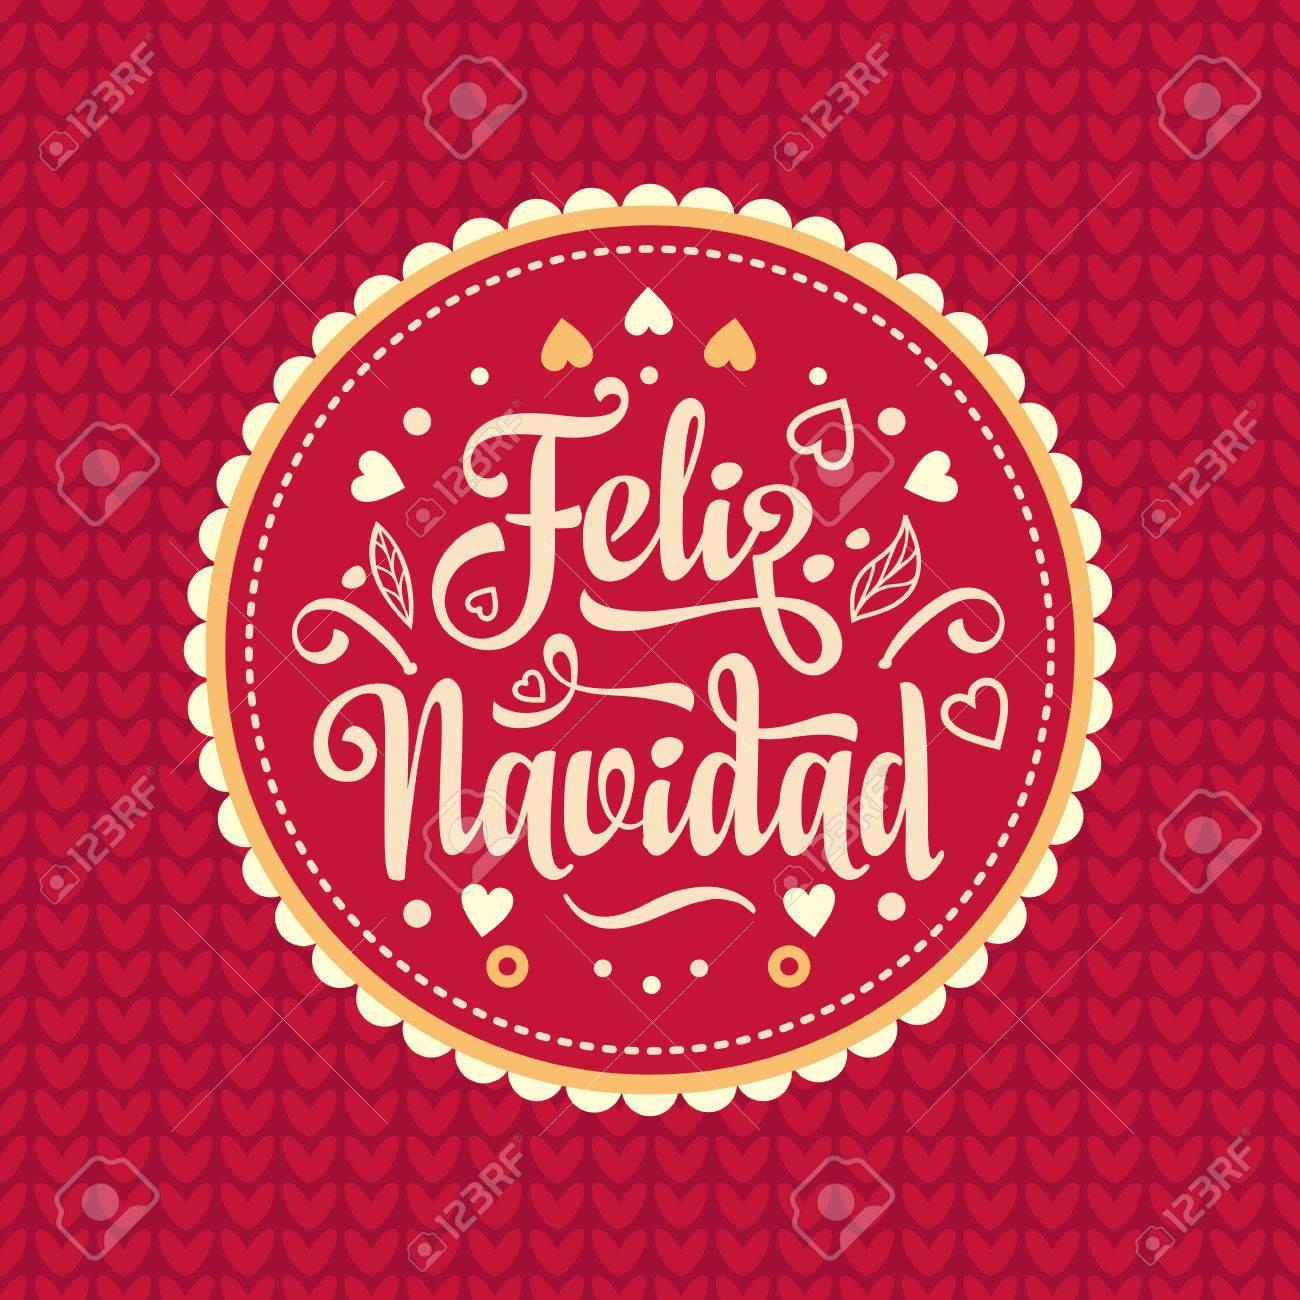 Deseos Para Feliz Navidad.Feliz Navidad Tarjeta De Navidad De La Lengua Espanola Mis Mejores Deseos Para Fiestas En Espana Traduccion Ingles Feliz Navidad